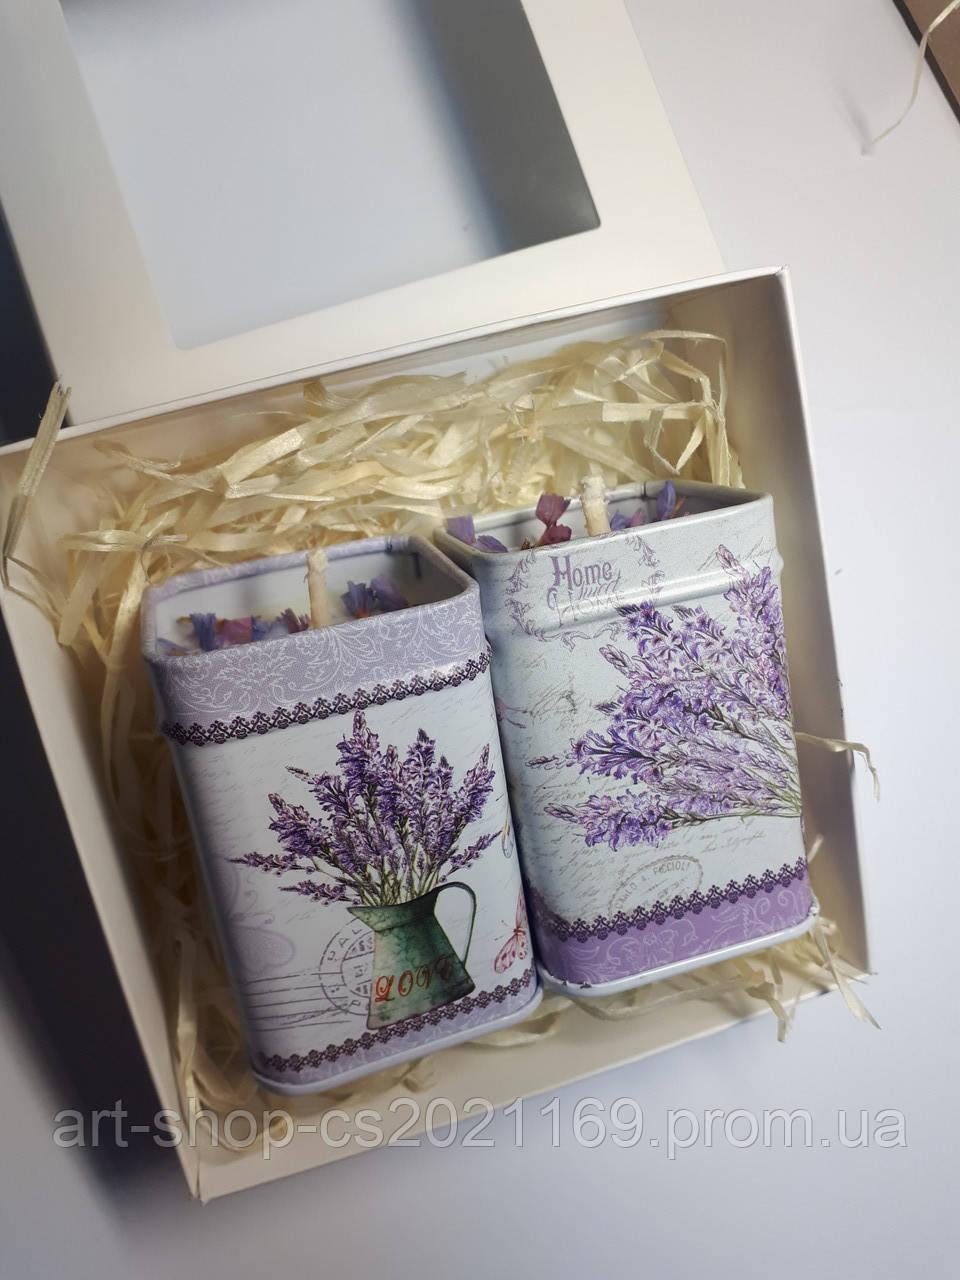 Подарочный набор натуральных свечей